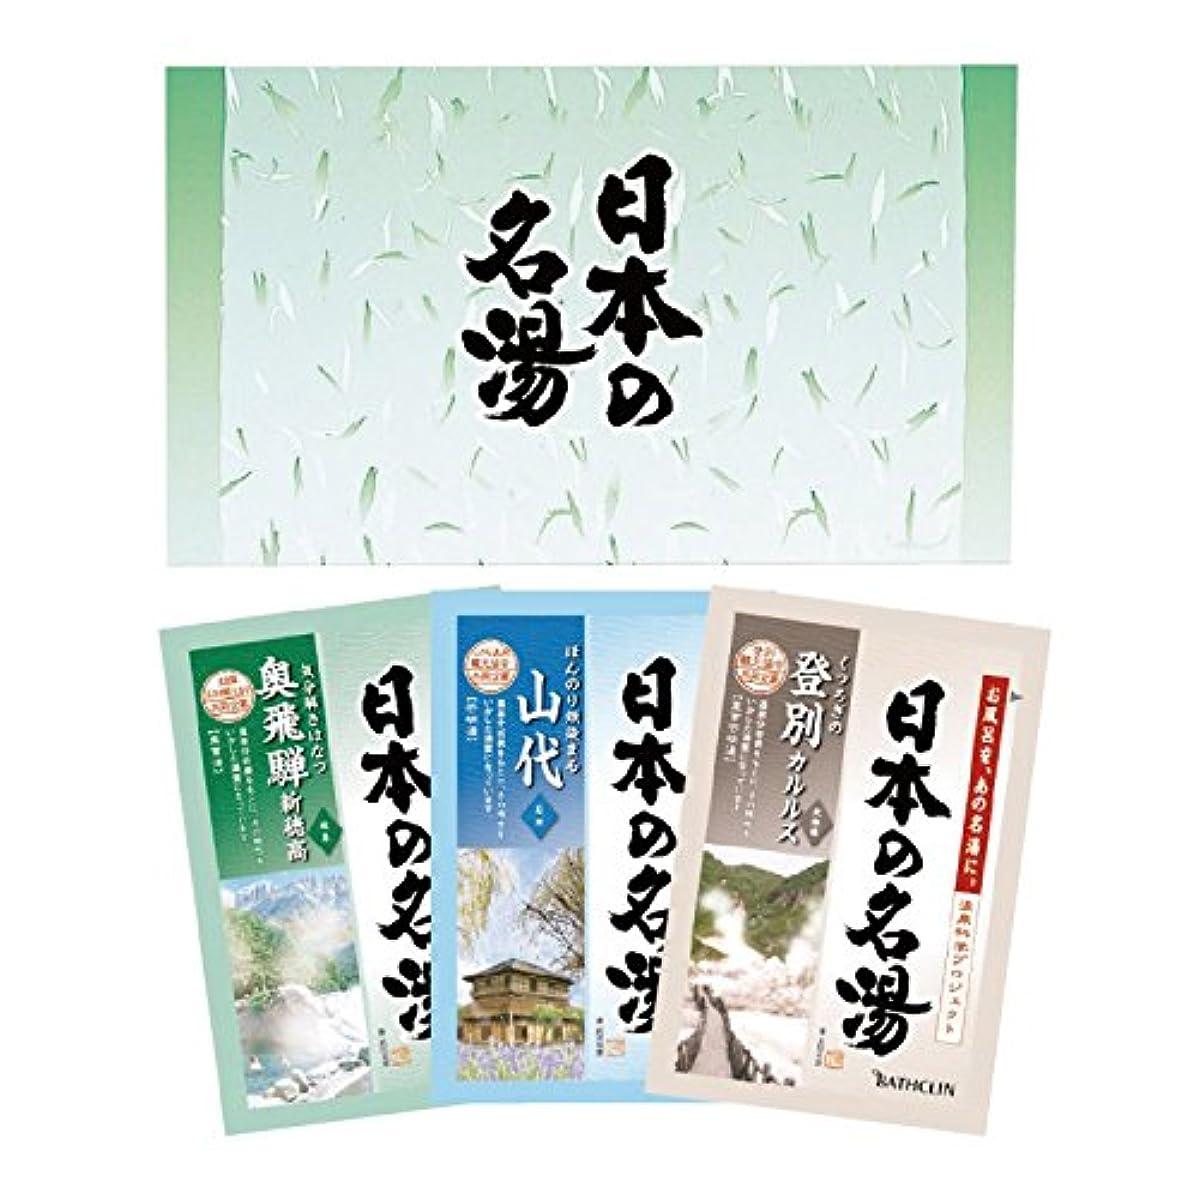 バーガー休憩代理店日本の名湯 入浴剤 3包入